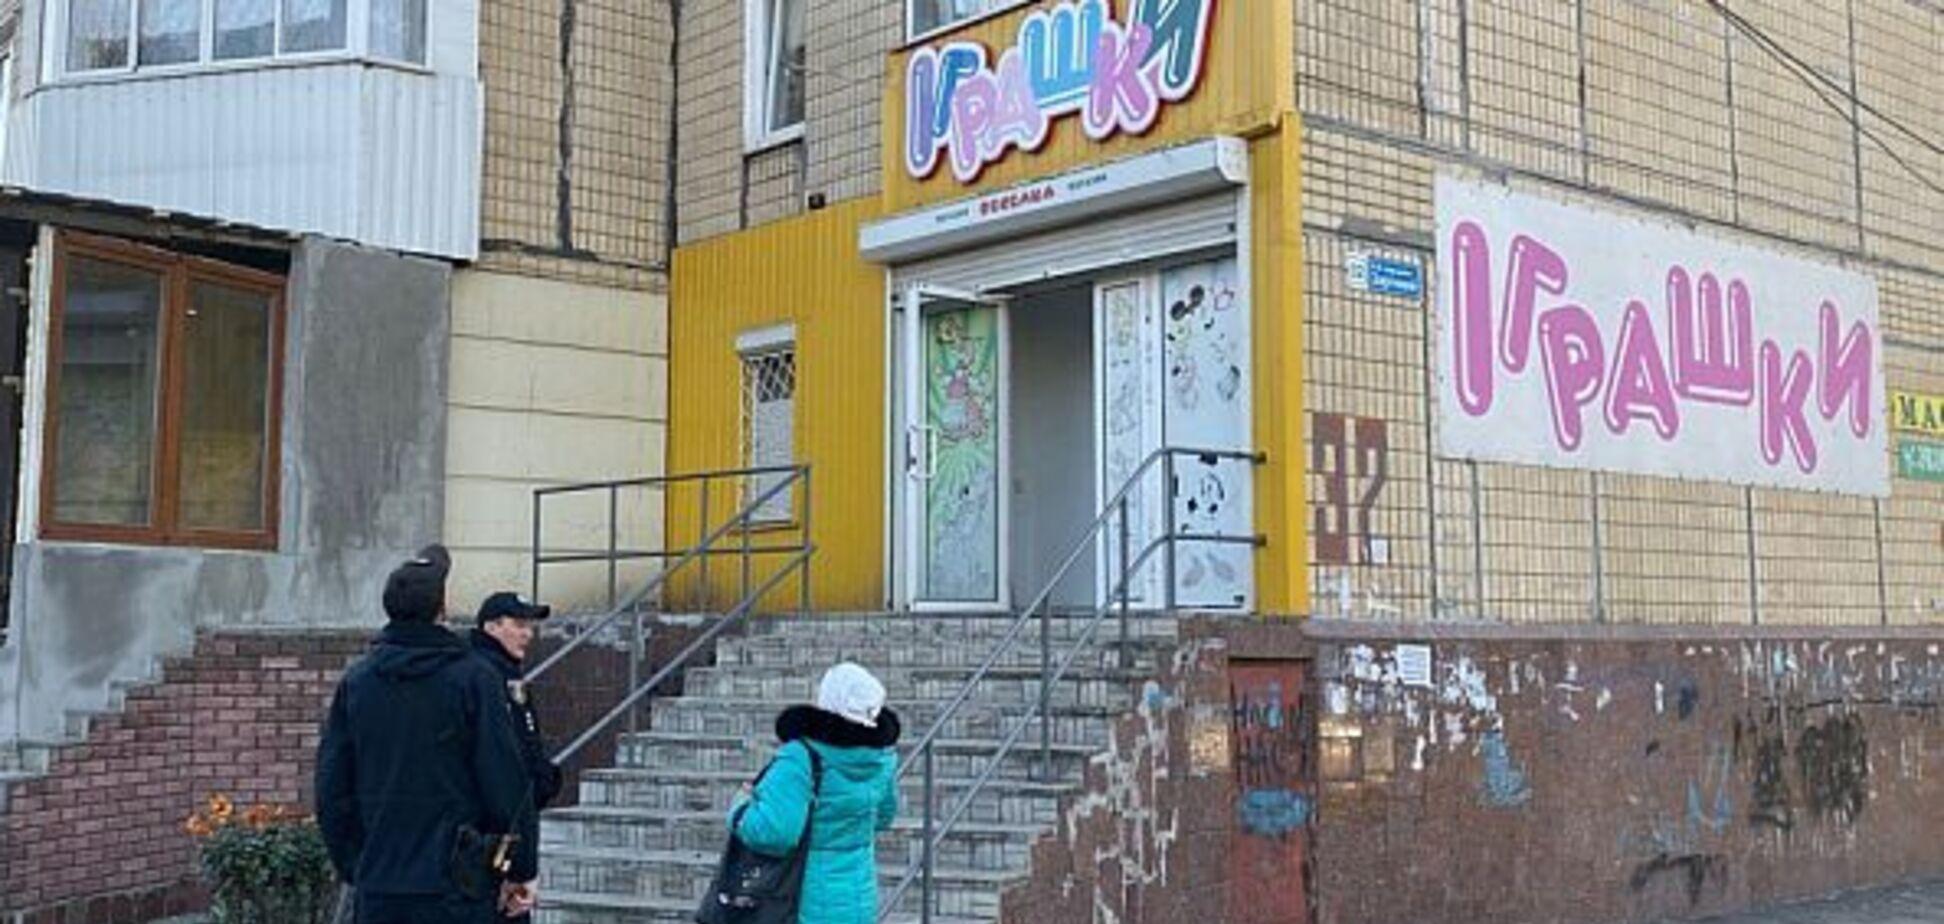 В Кривом Роге мужчина выпал из окна 11 этажа: фото 18+